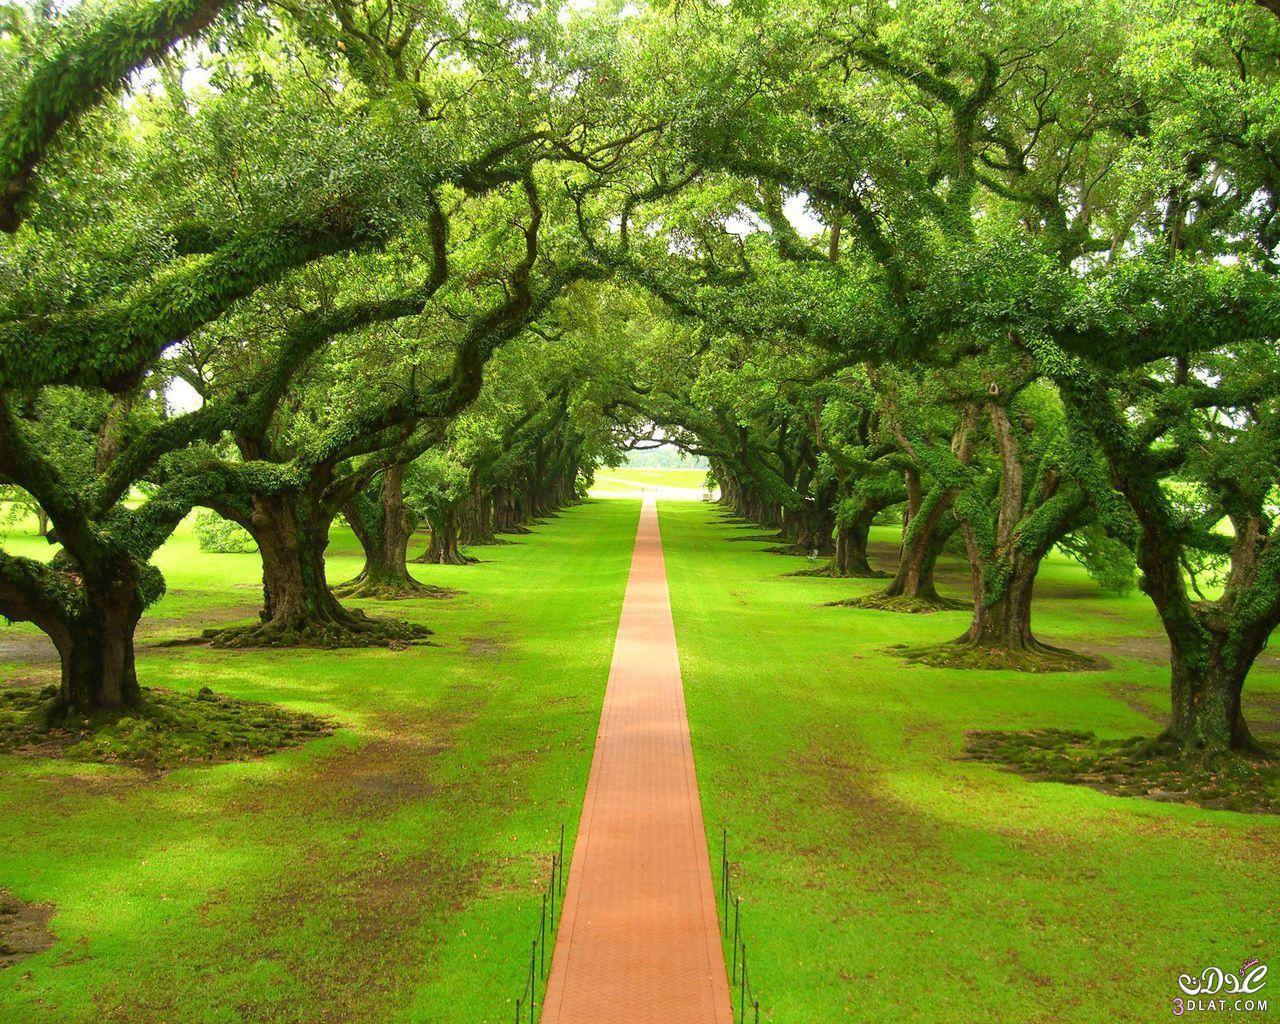 بالصور صور اشجار , صور مختلفة للشجر 4928 5